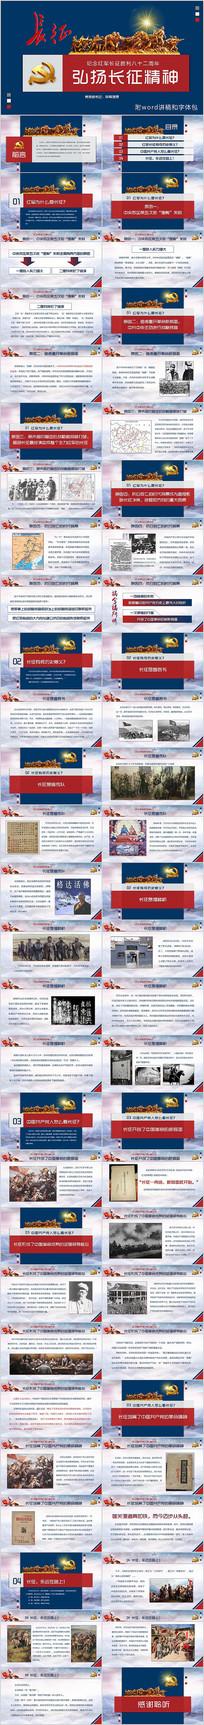 纪念红军长征82周年ppt